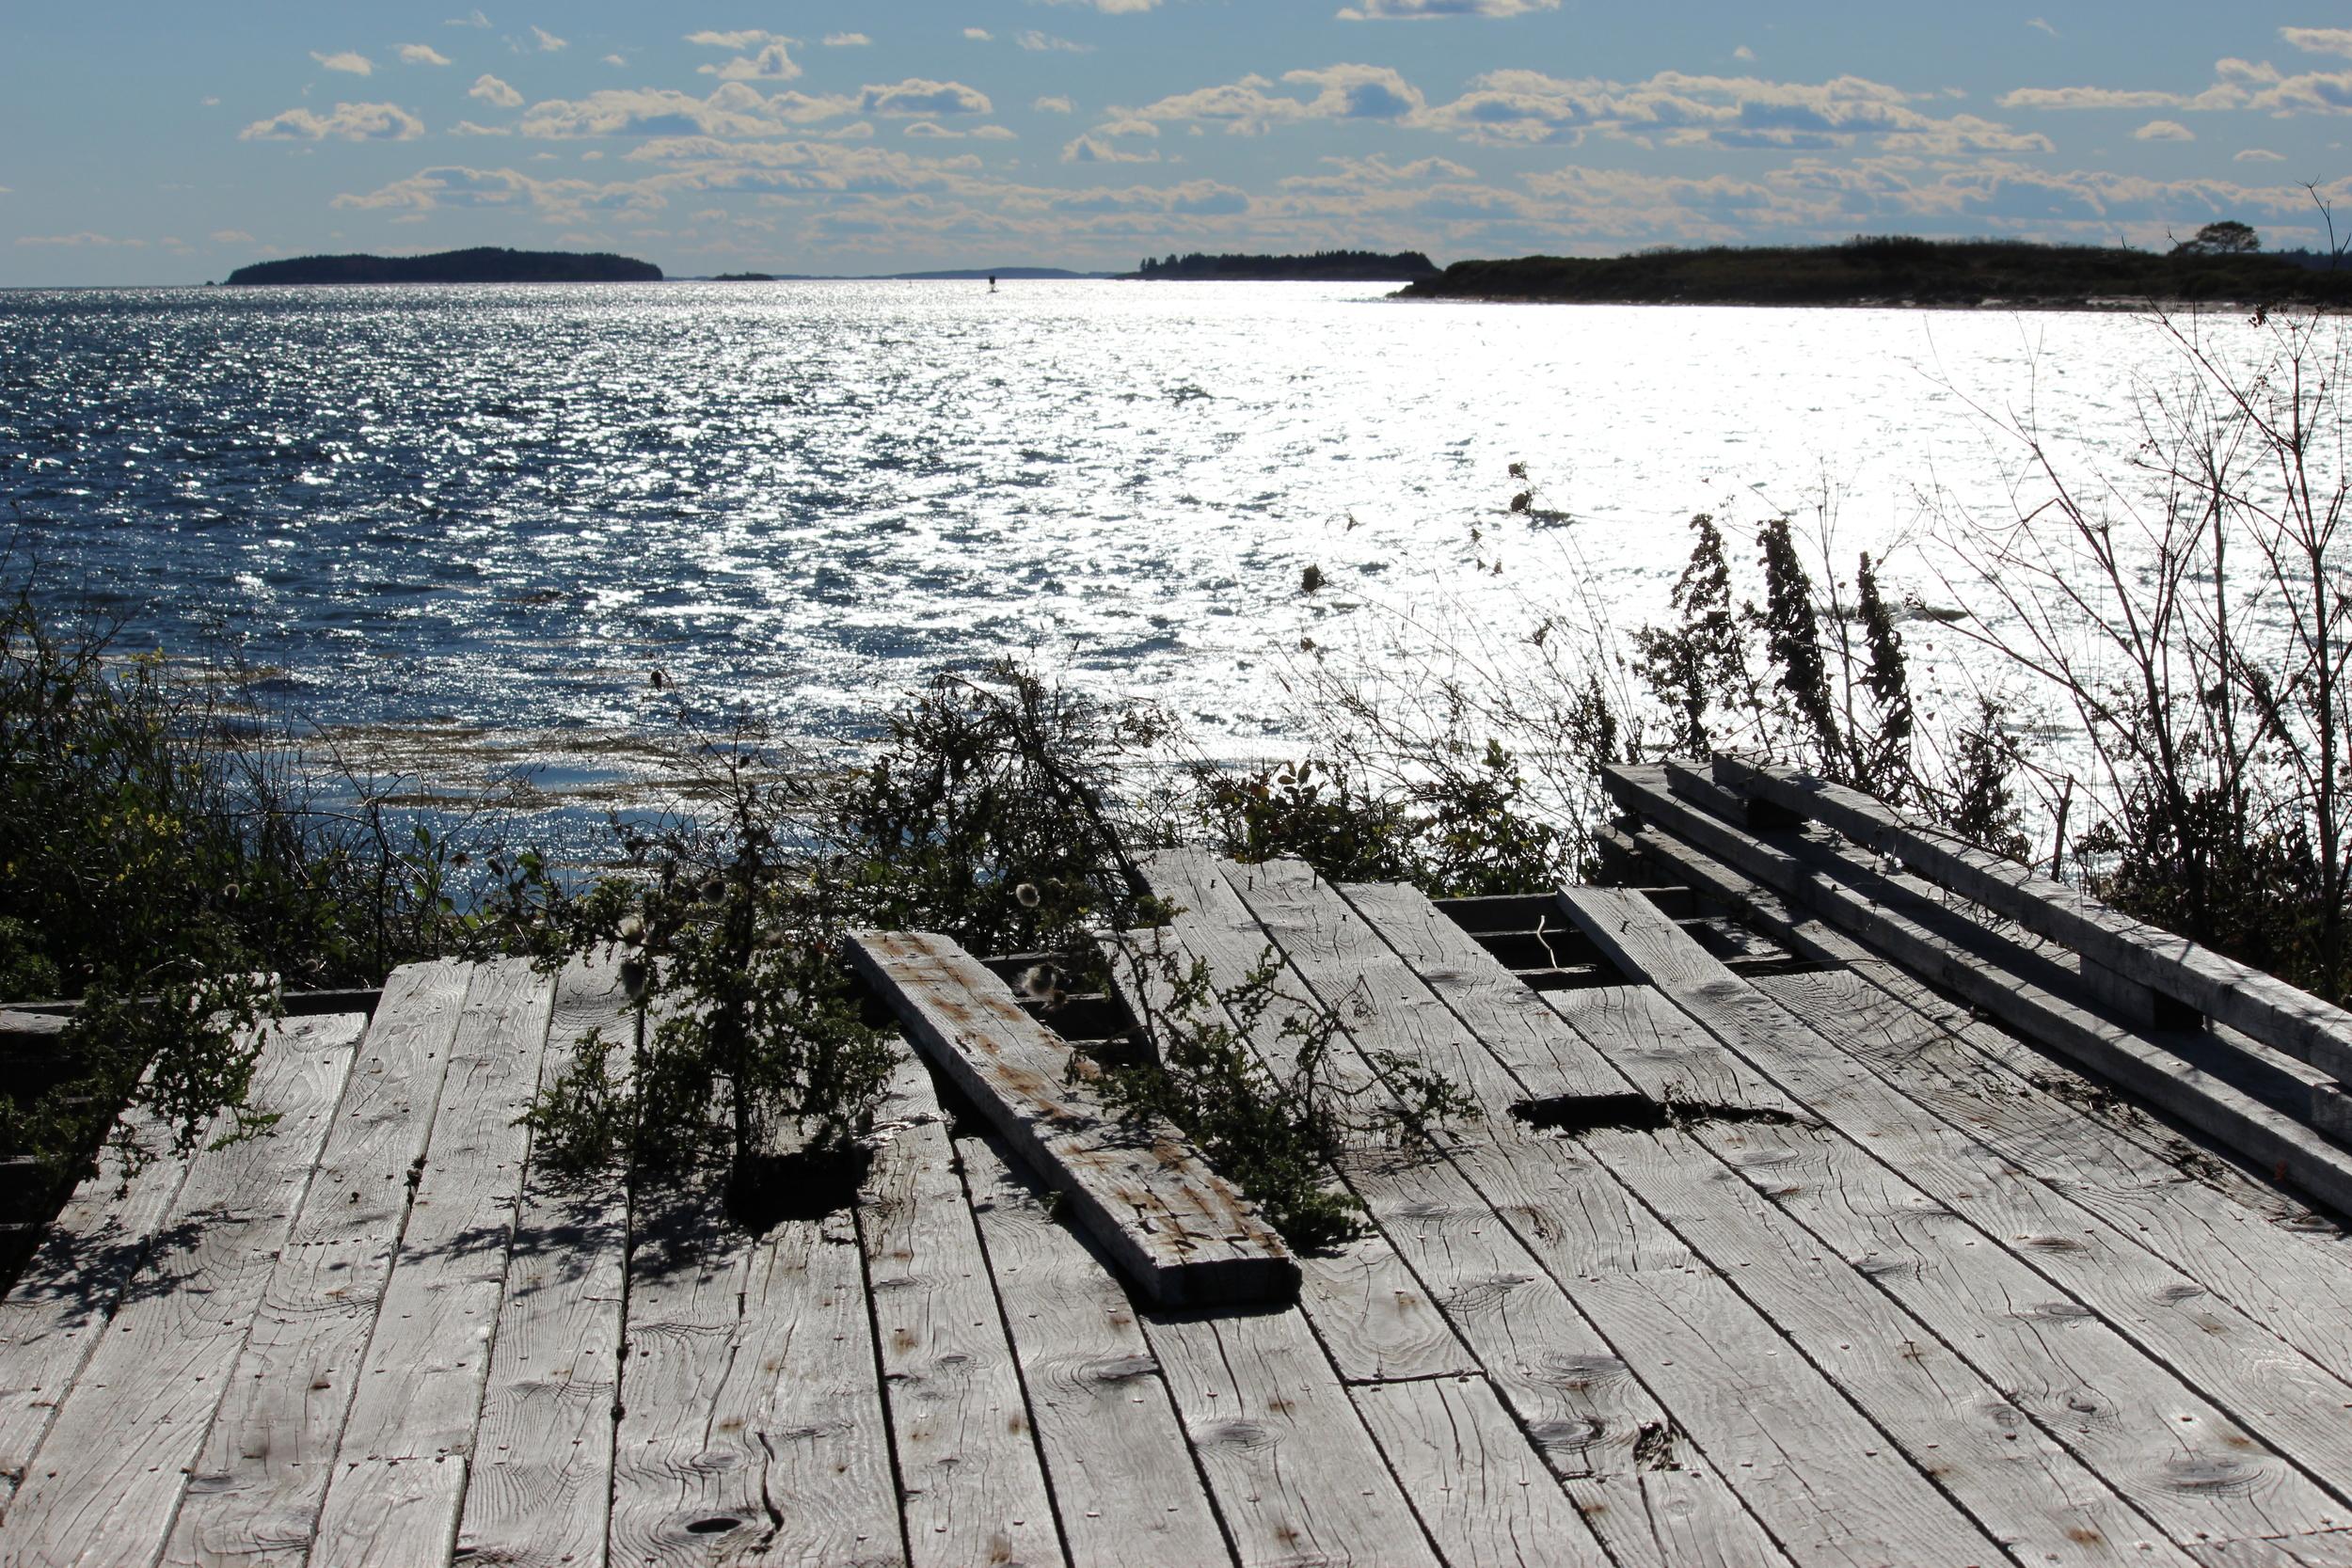 Dilapidated Dock